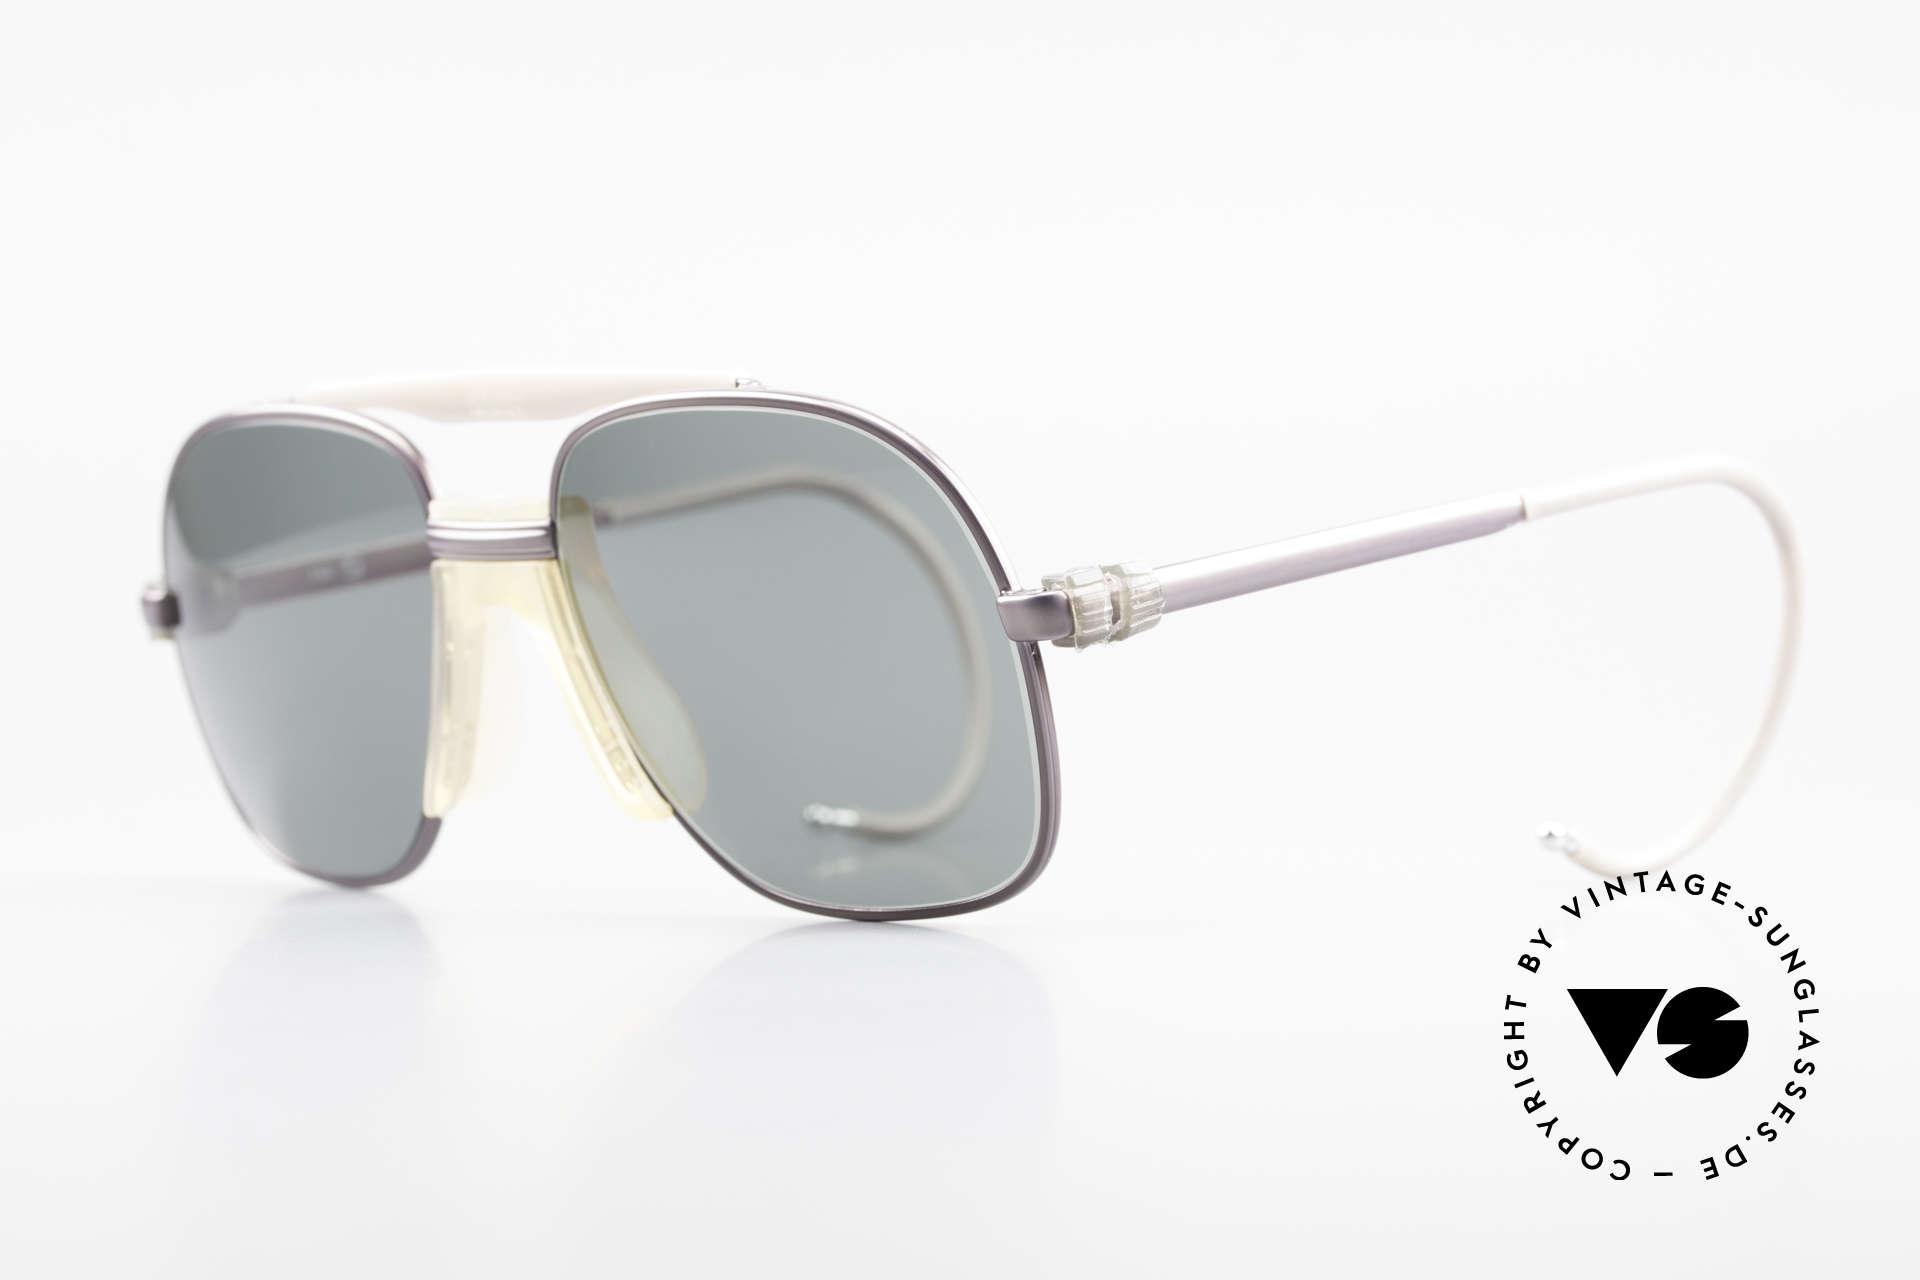 Zeiss 7037 Sportsonnenbrille Old School, flexible Sport-Bügel für idealen Halt & 100% UV Schutz, Passend für Herren und Damen